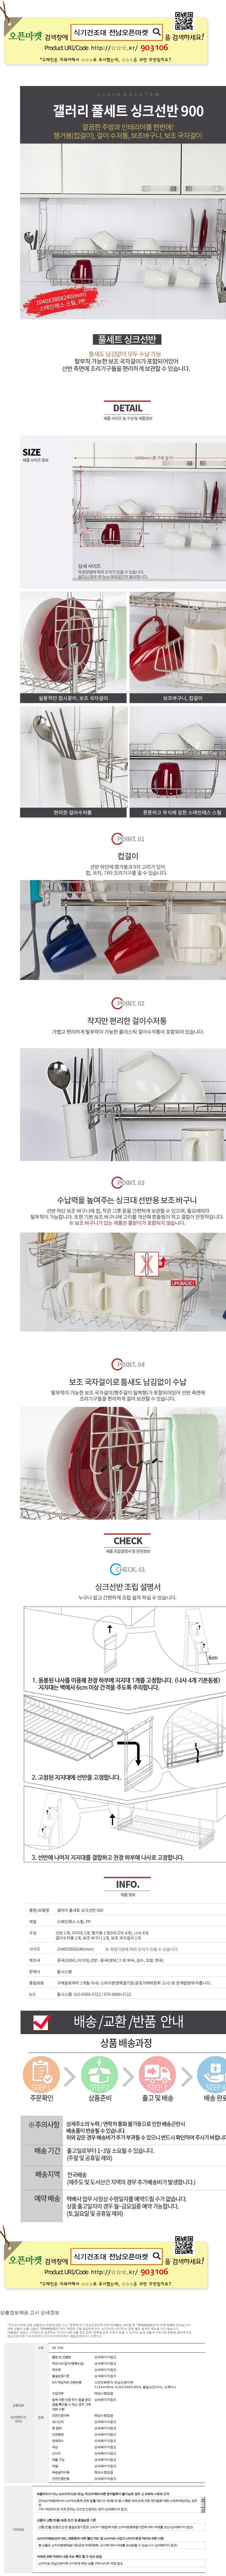 경기오픈마켓 상품 상세이미지1